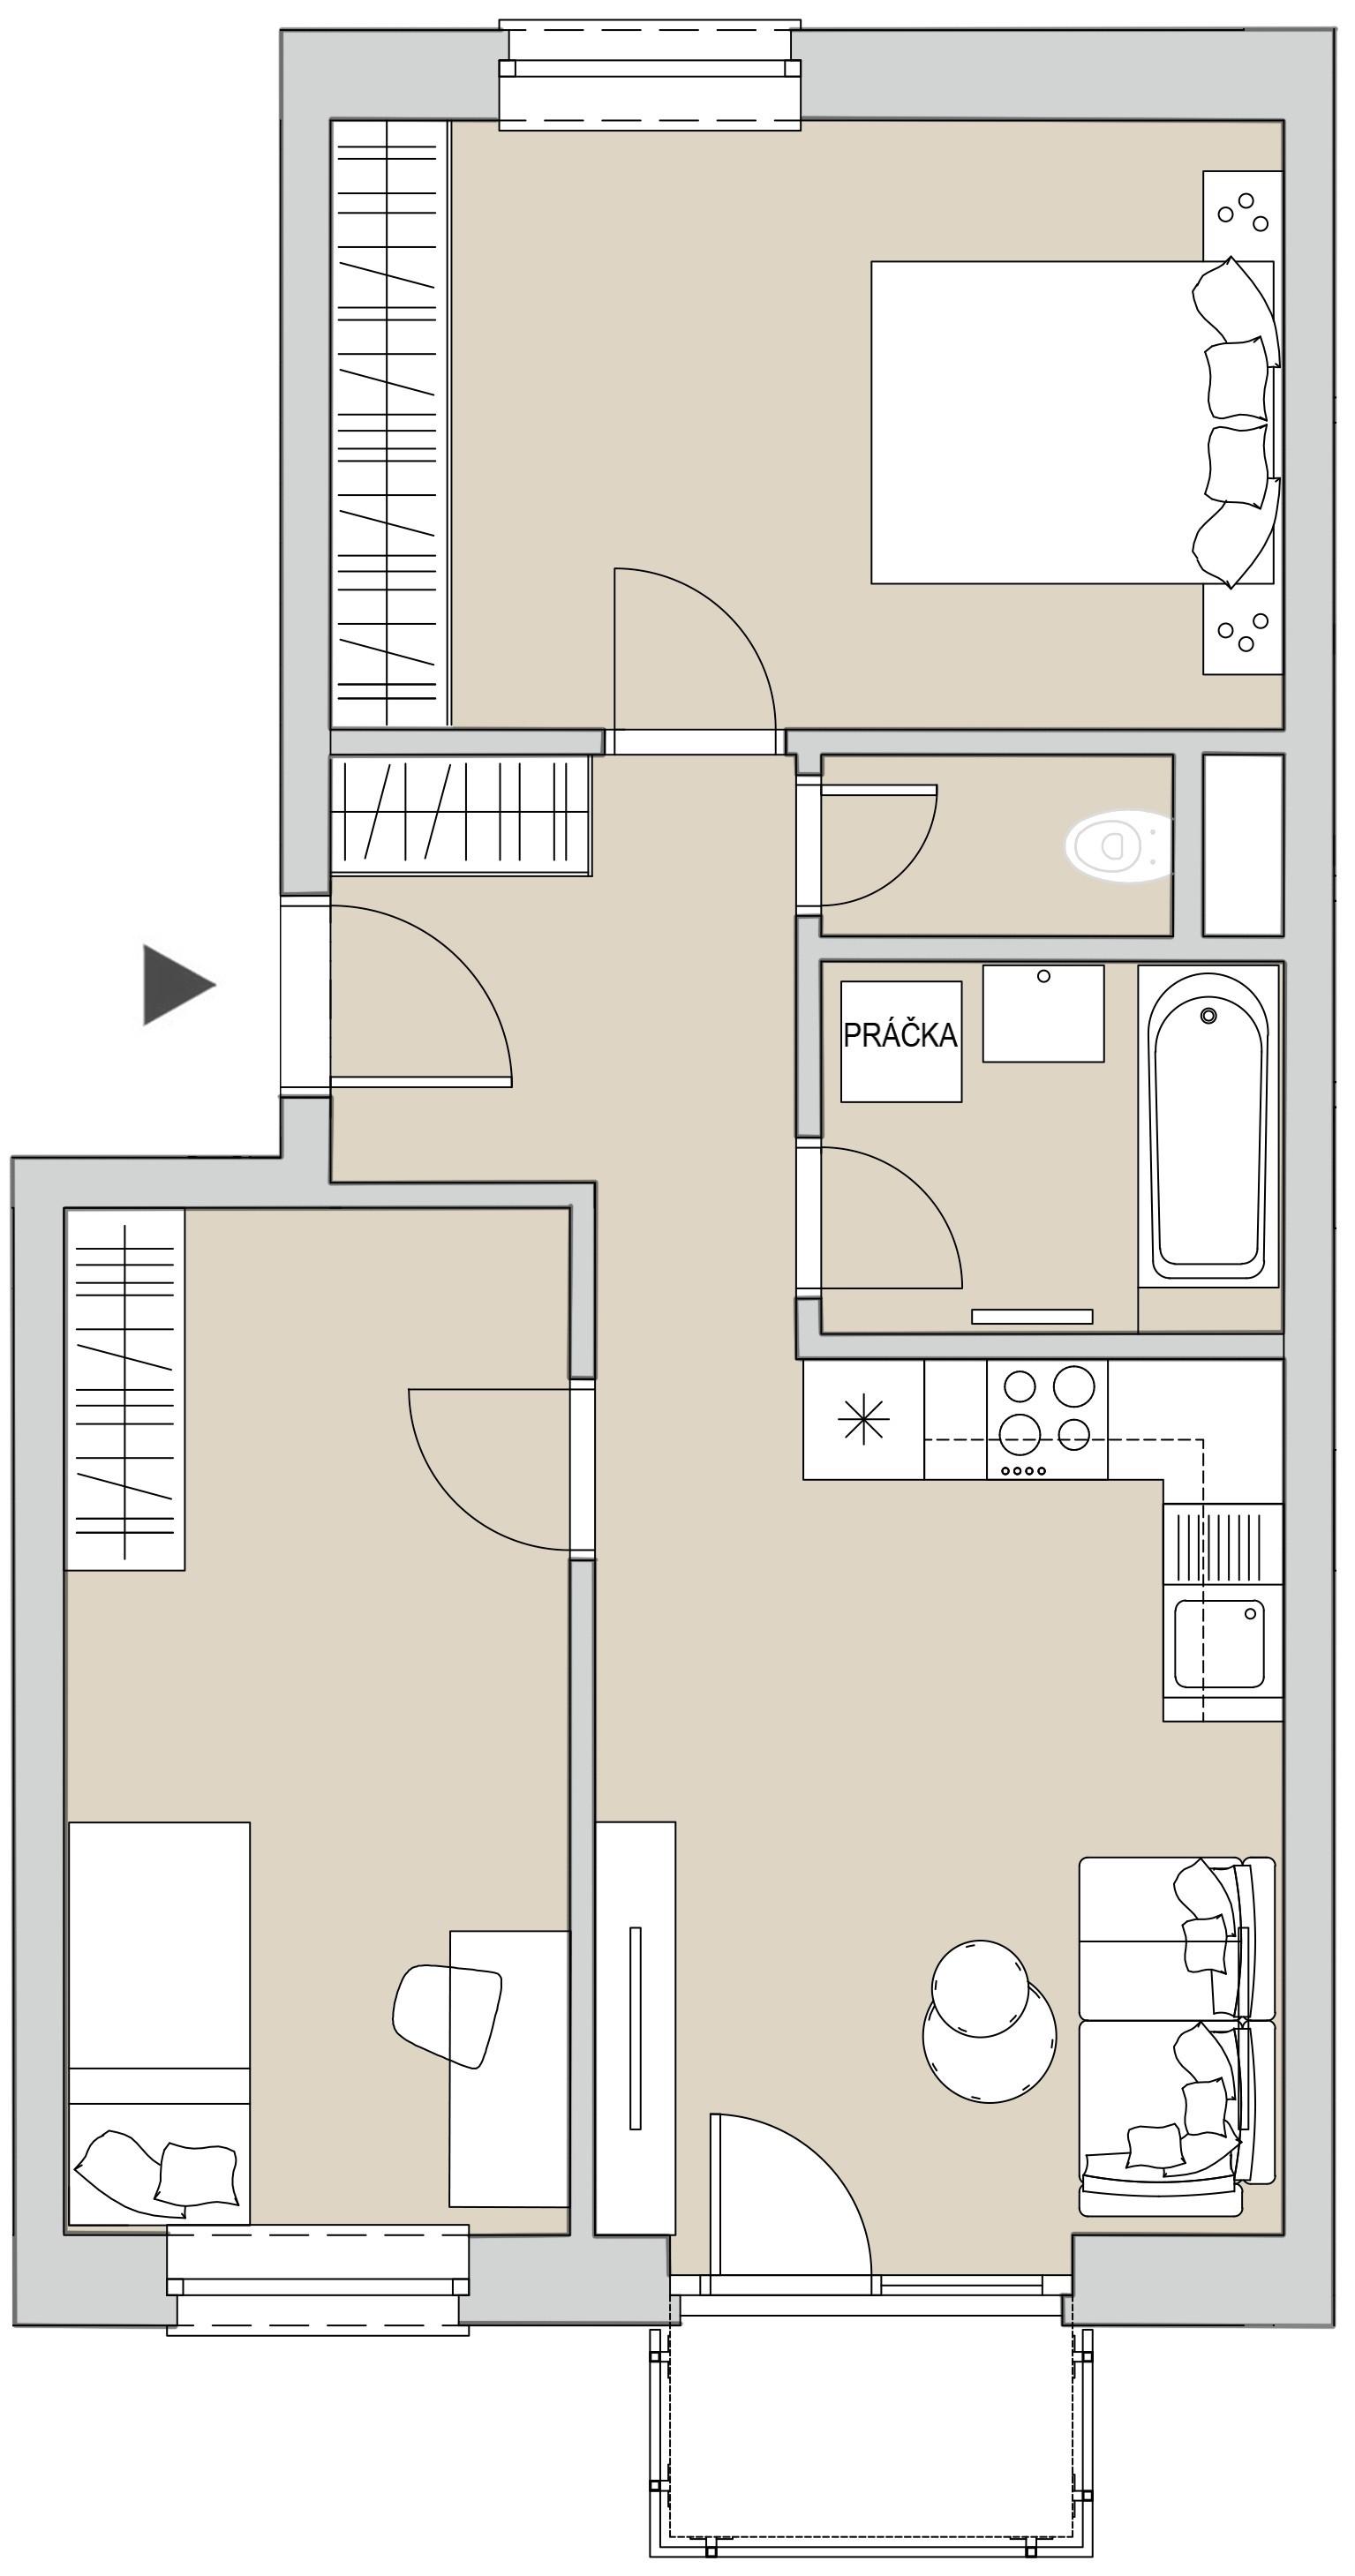 Pôdory bytu - 304 - varianta 3 - izbový